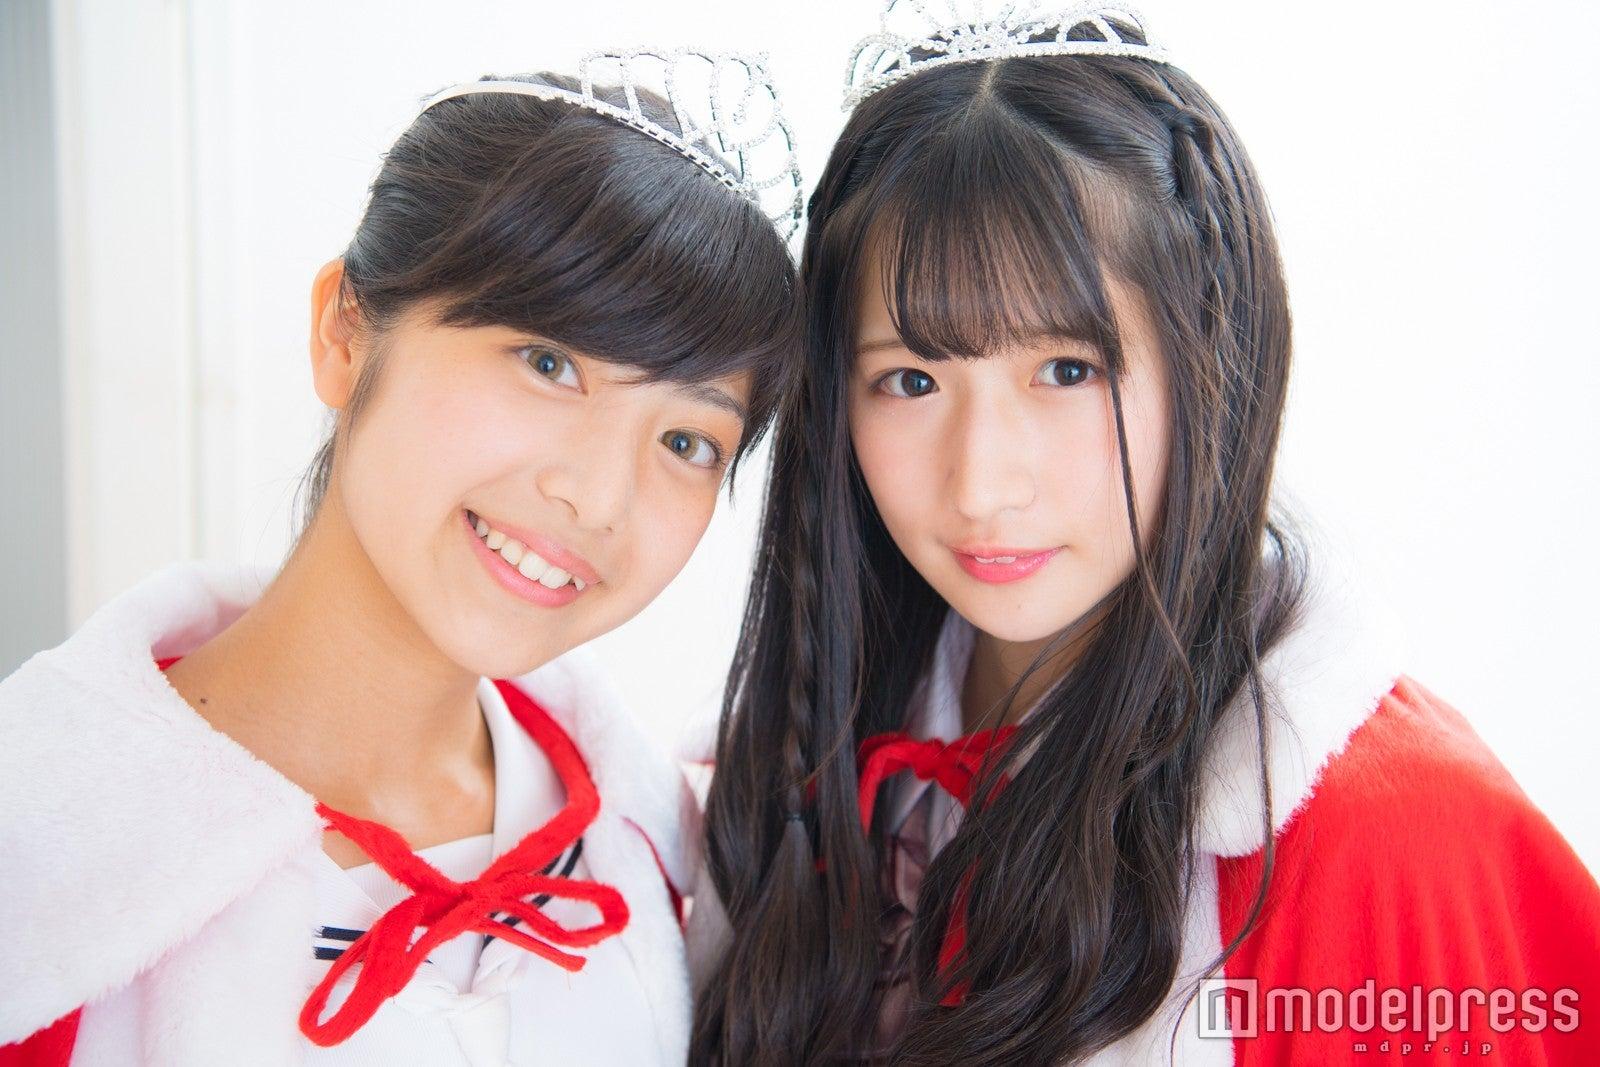 吉田莉桜 左から)グランプリ・吉田莉桜(りおちょん)さん、準